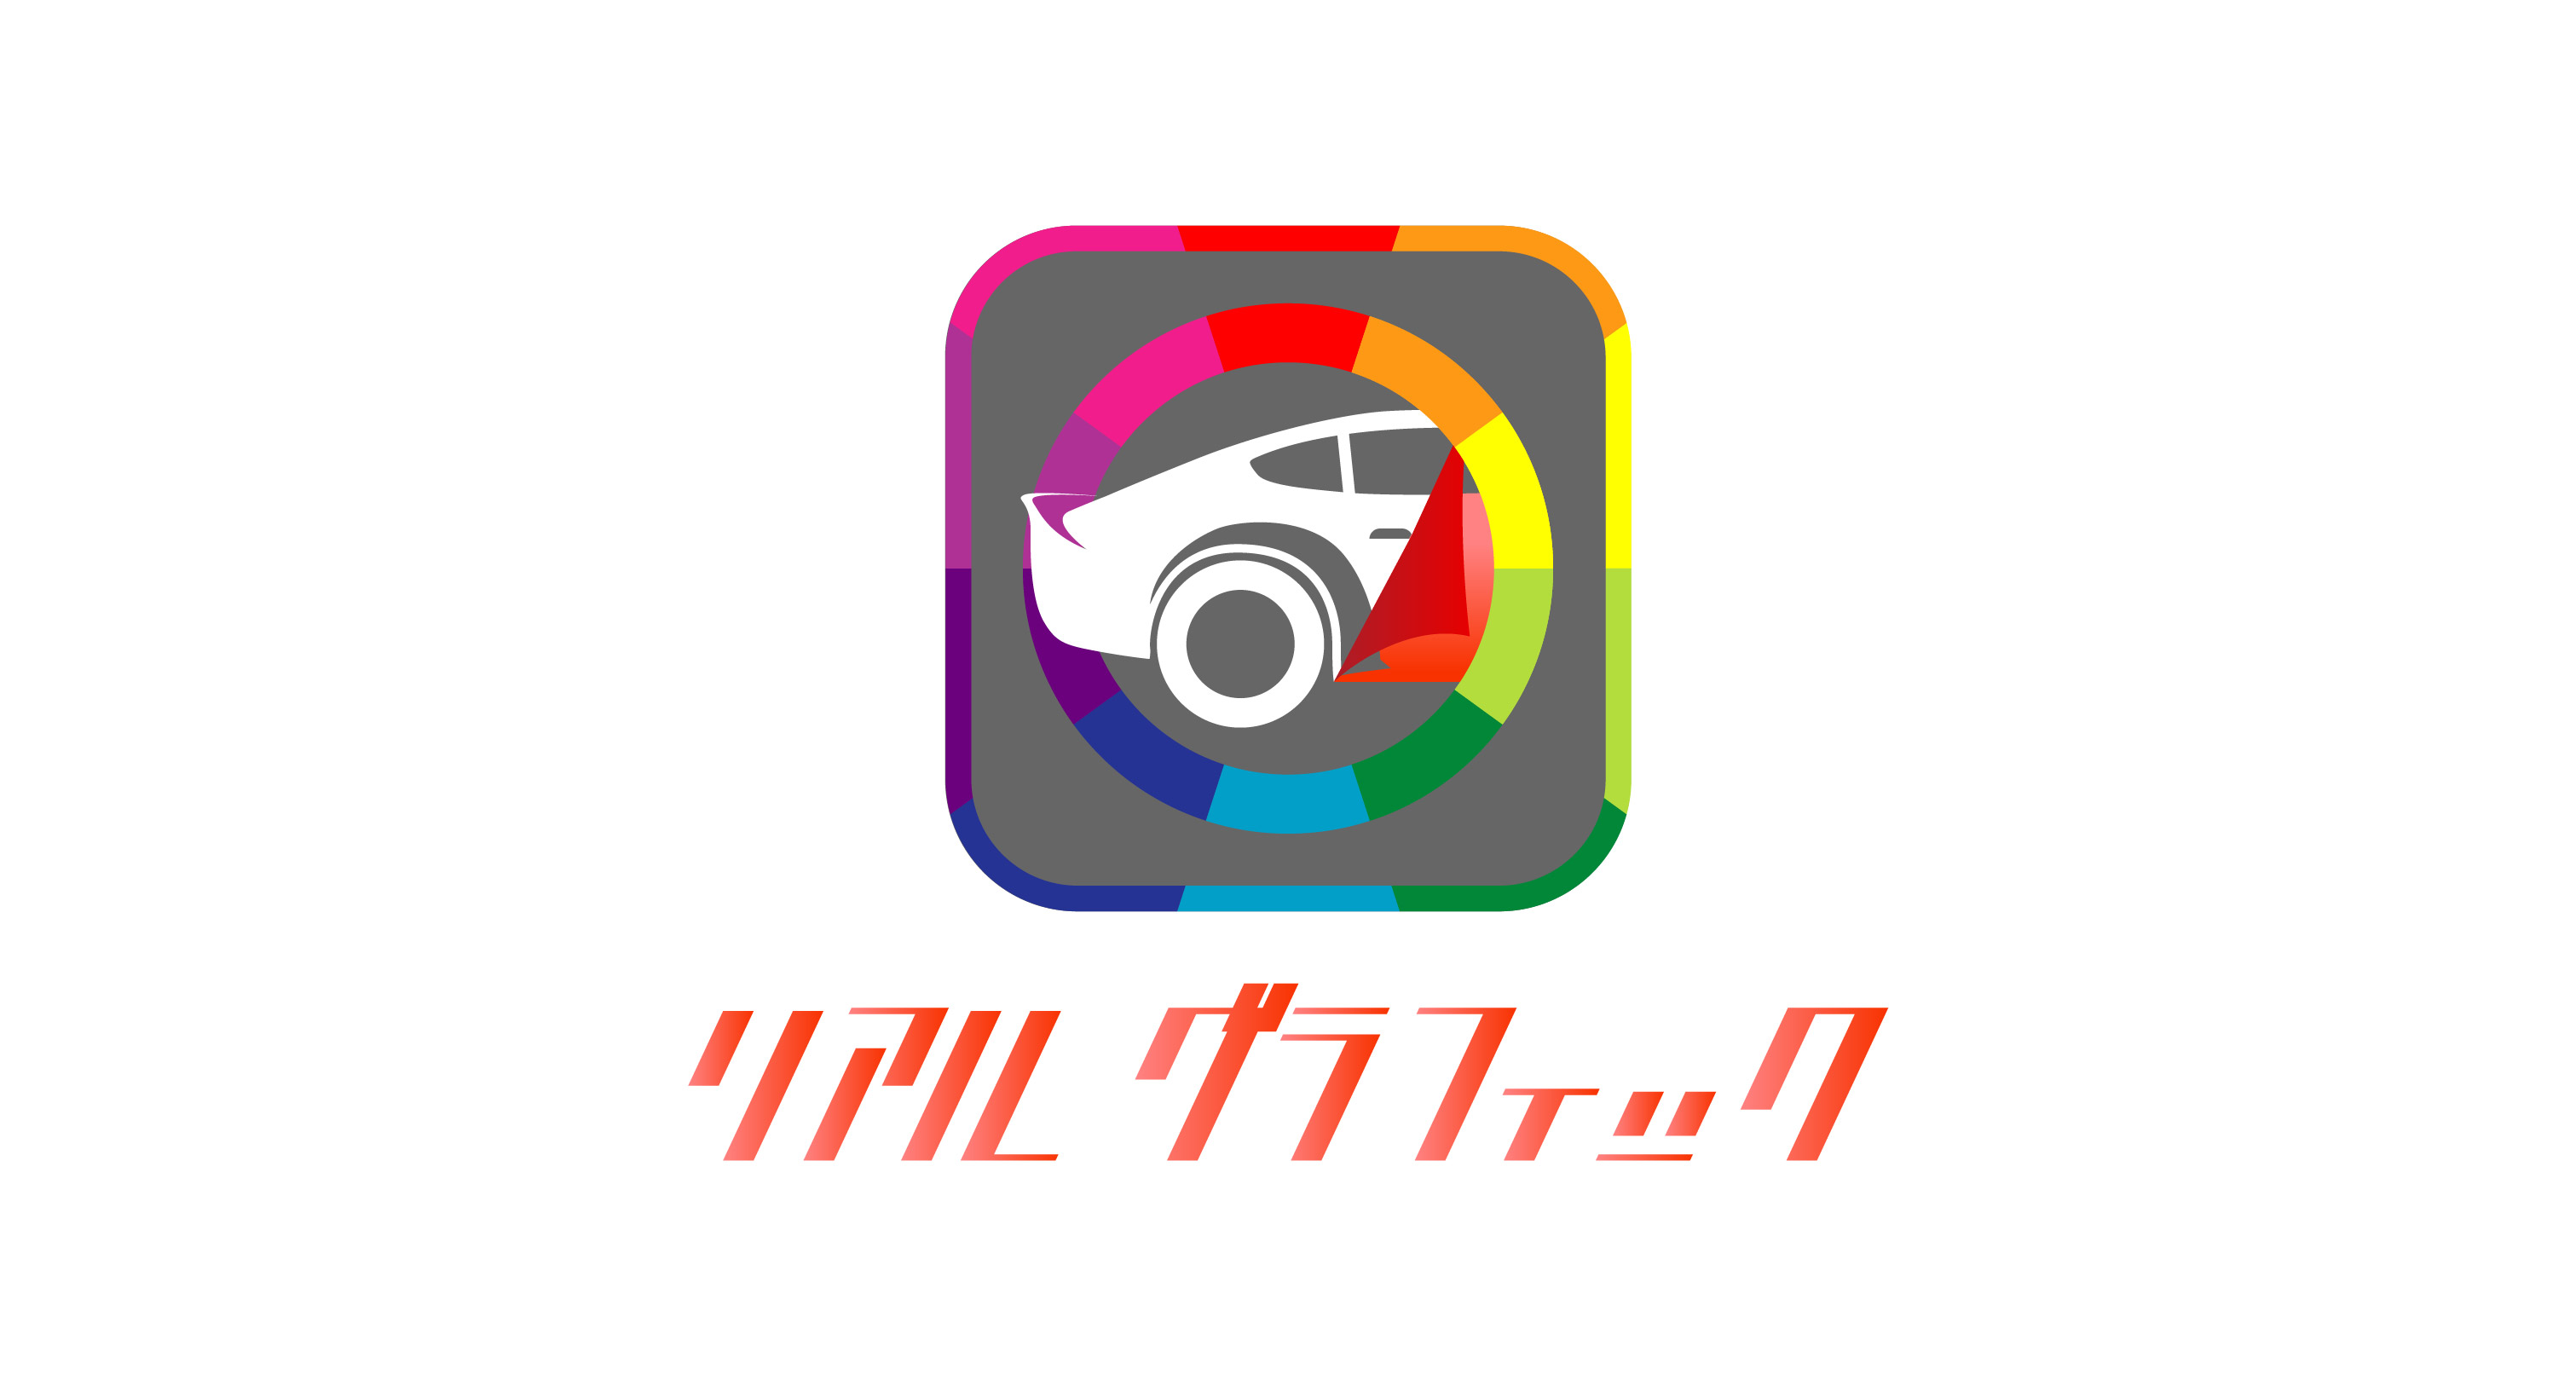 ラッピングカー|カーラッピング|車塗装|リアルグラフィック|痛車クエストファクトリー|エコガレージ|BMW専門カーラッピング|スープラ|ポルシェ|ベンツ ゲレンデ|痛車|広告車|営業車|宣伝車|カーマーキング|ベンツカーラッピング|BMWカーラッピング|痛車クエストファクトリー|ラッピングカー|車ステッカー|カーラッピング・ステッカー専門洗車用品|のらいも工房|トリプルエイト販売店|アニメ|コスプレ|デザイン|